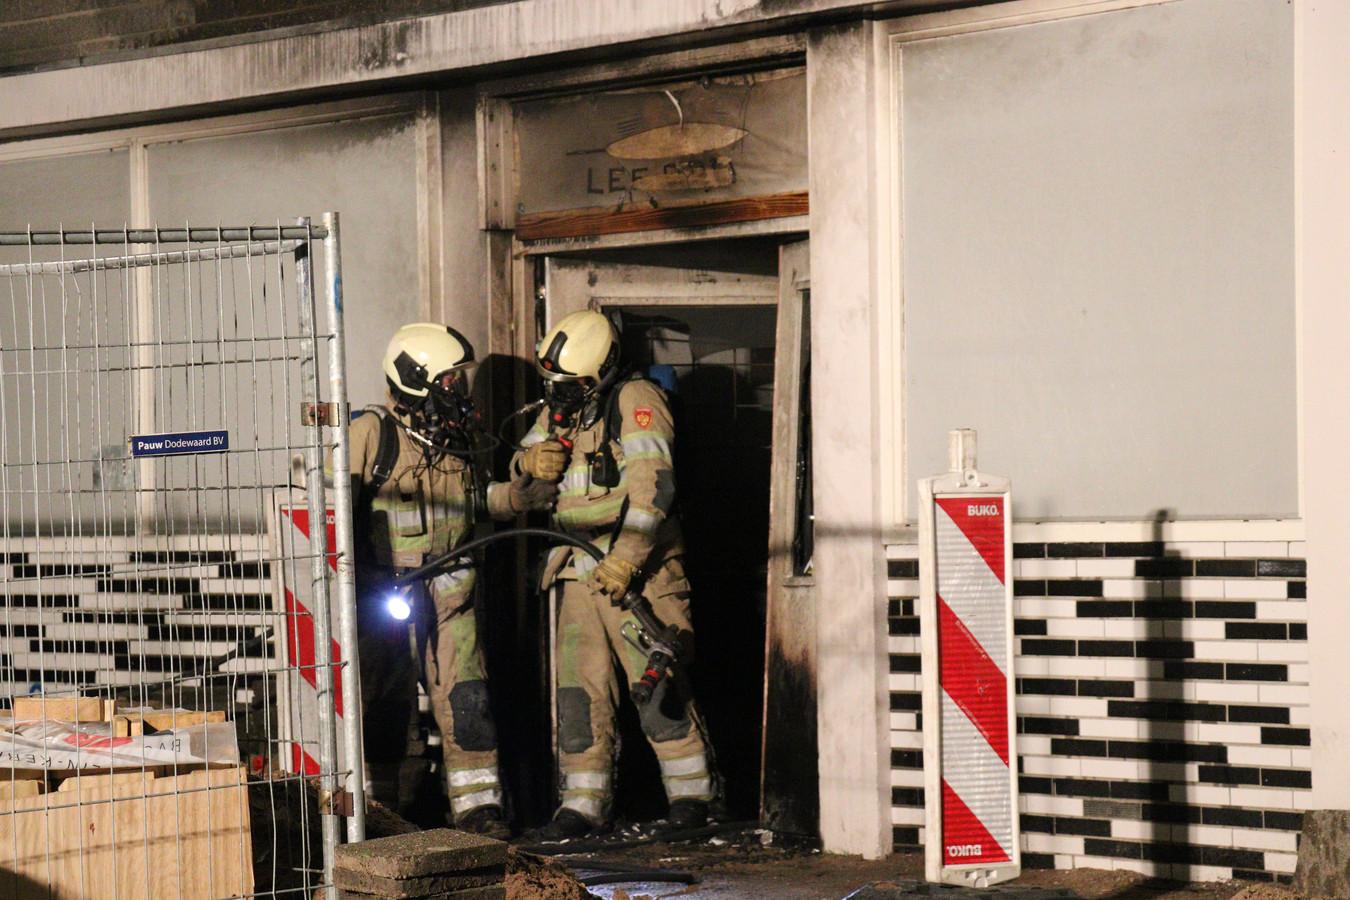 Politie doet onderzoek na brand bij sportschool in Utrecht